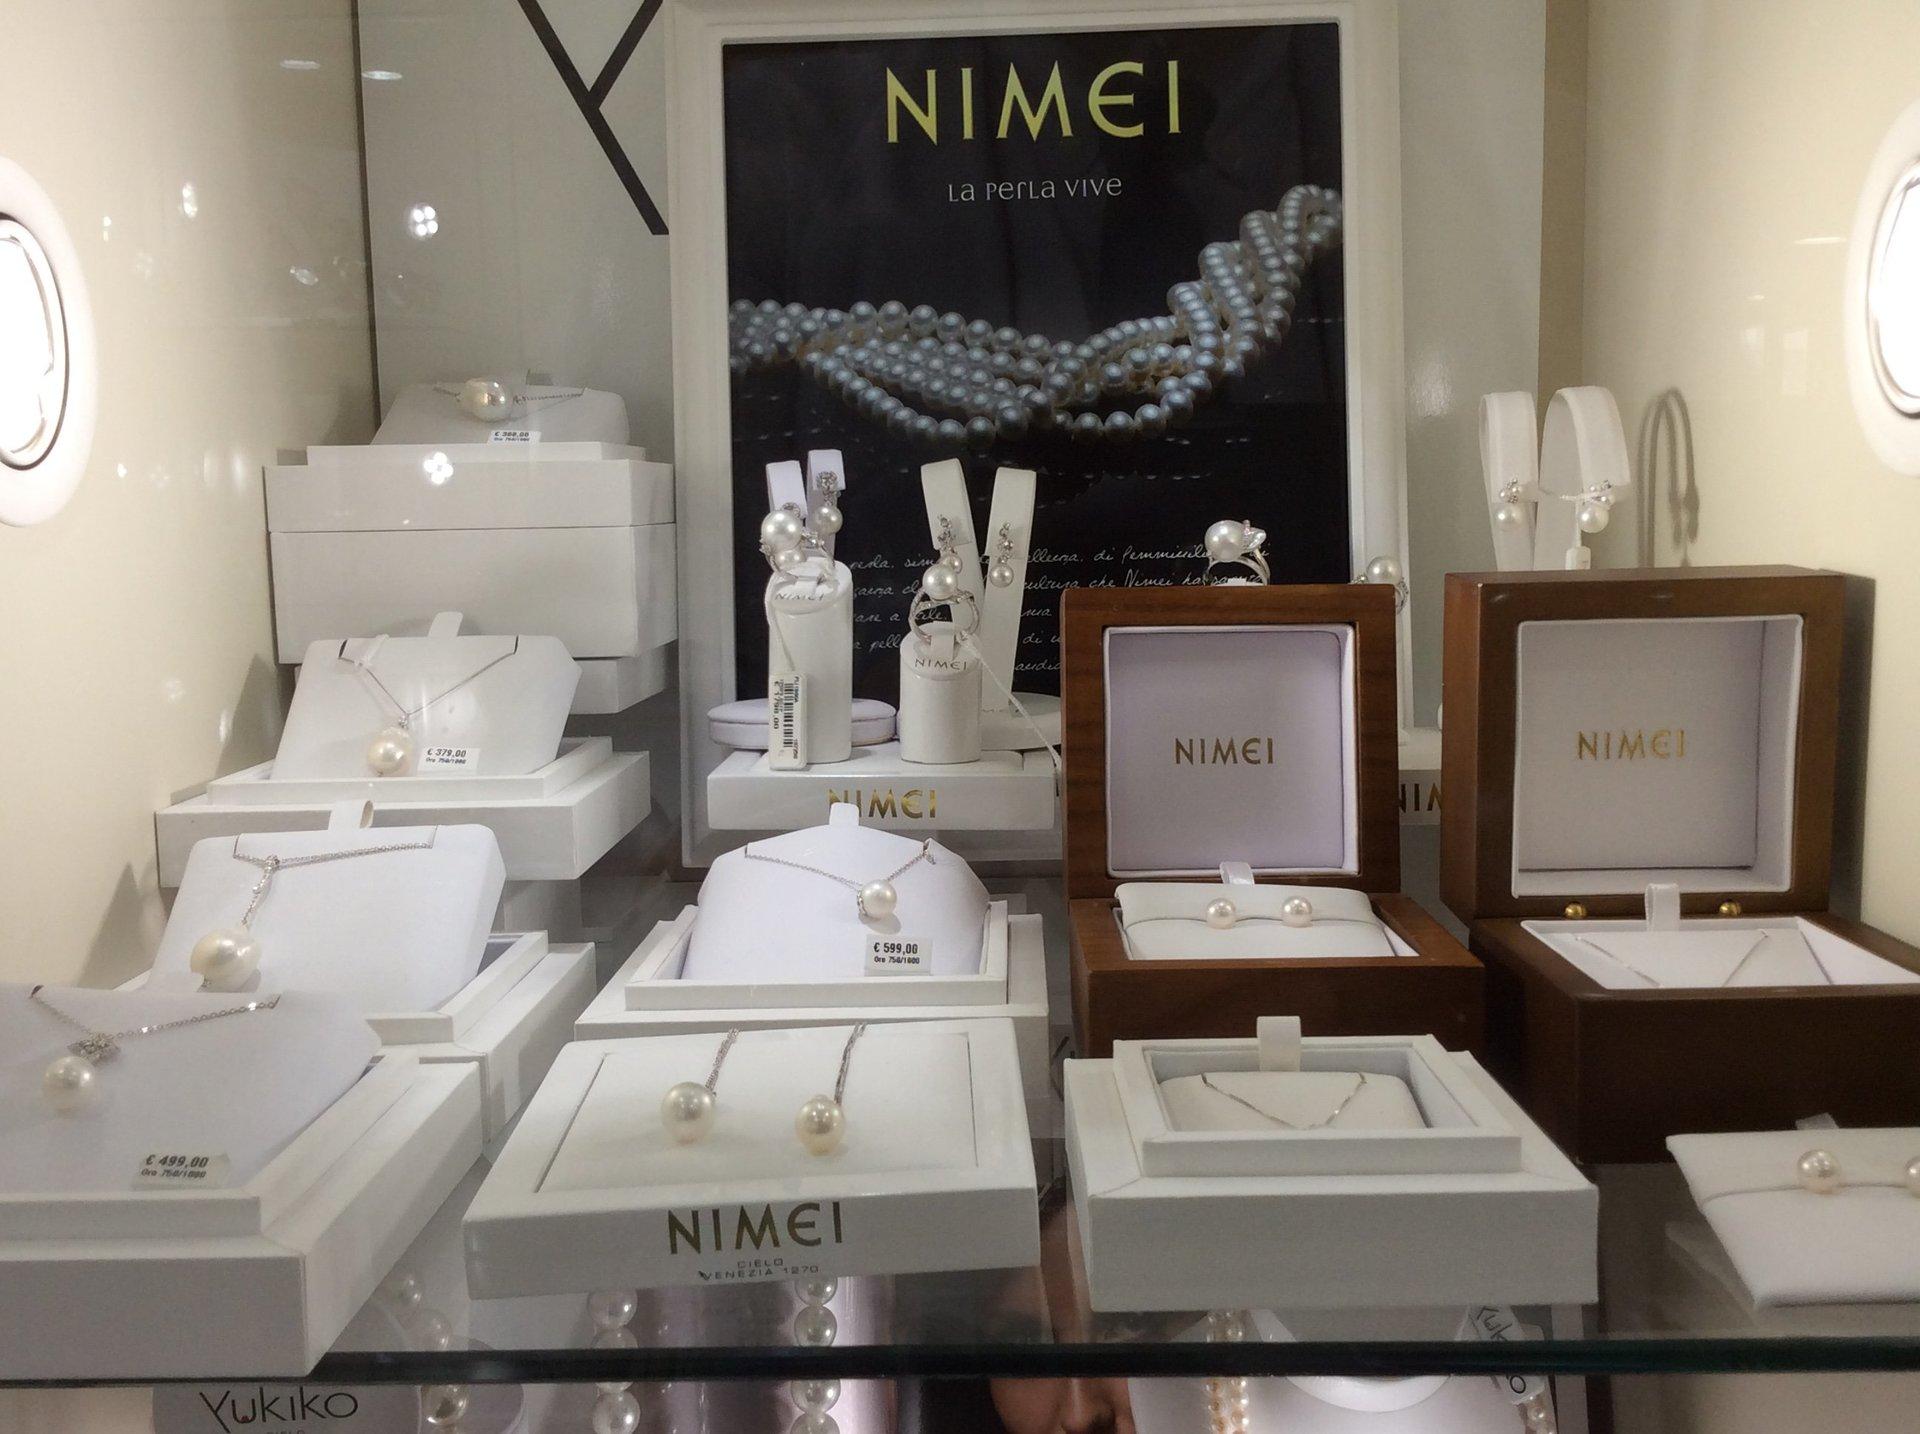 esposizione gioielli Nimei